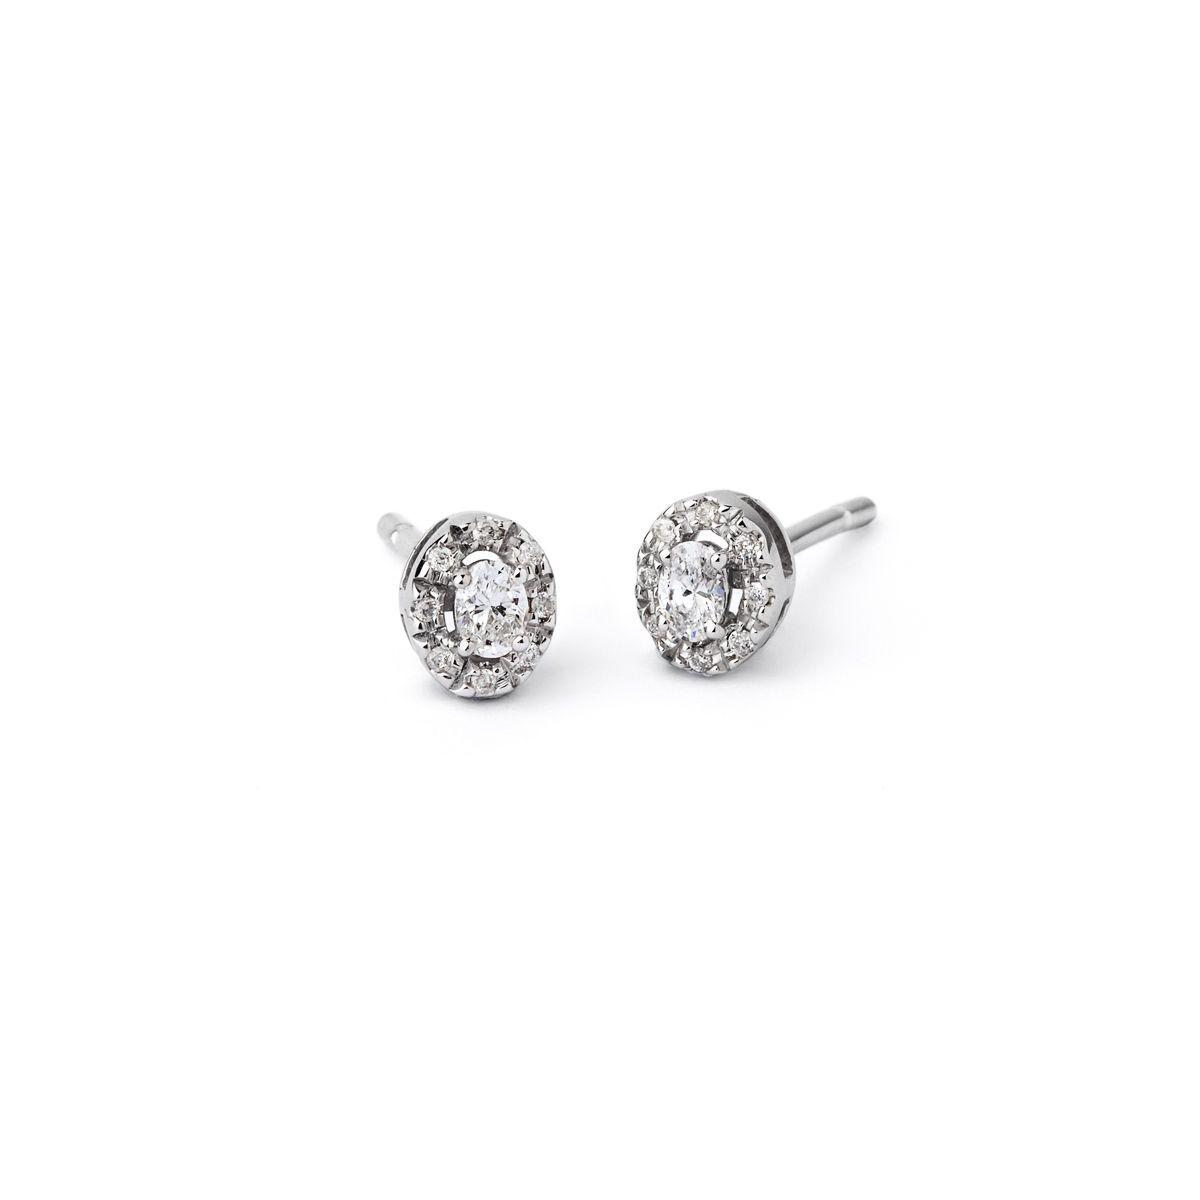 Boucles d'oreilles en or blanc et diamants de 0.35ct